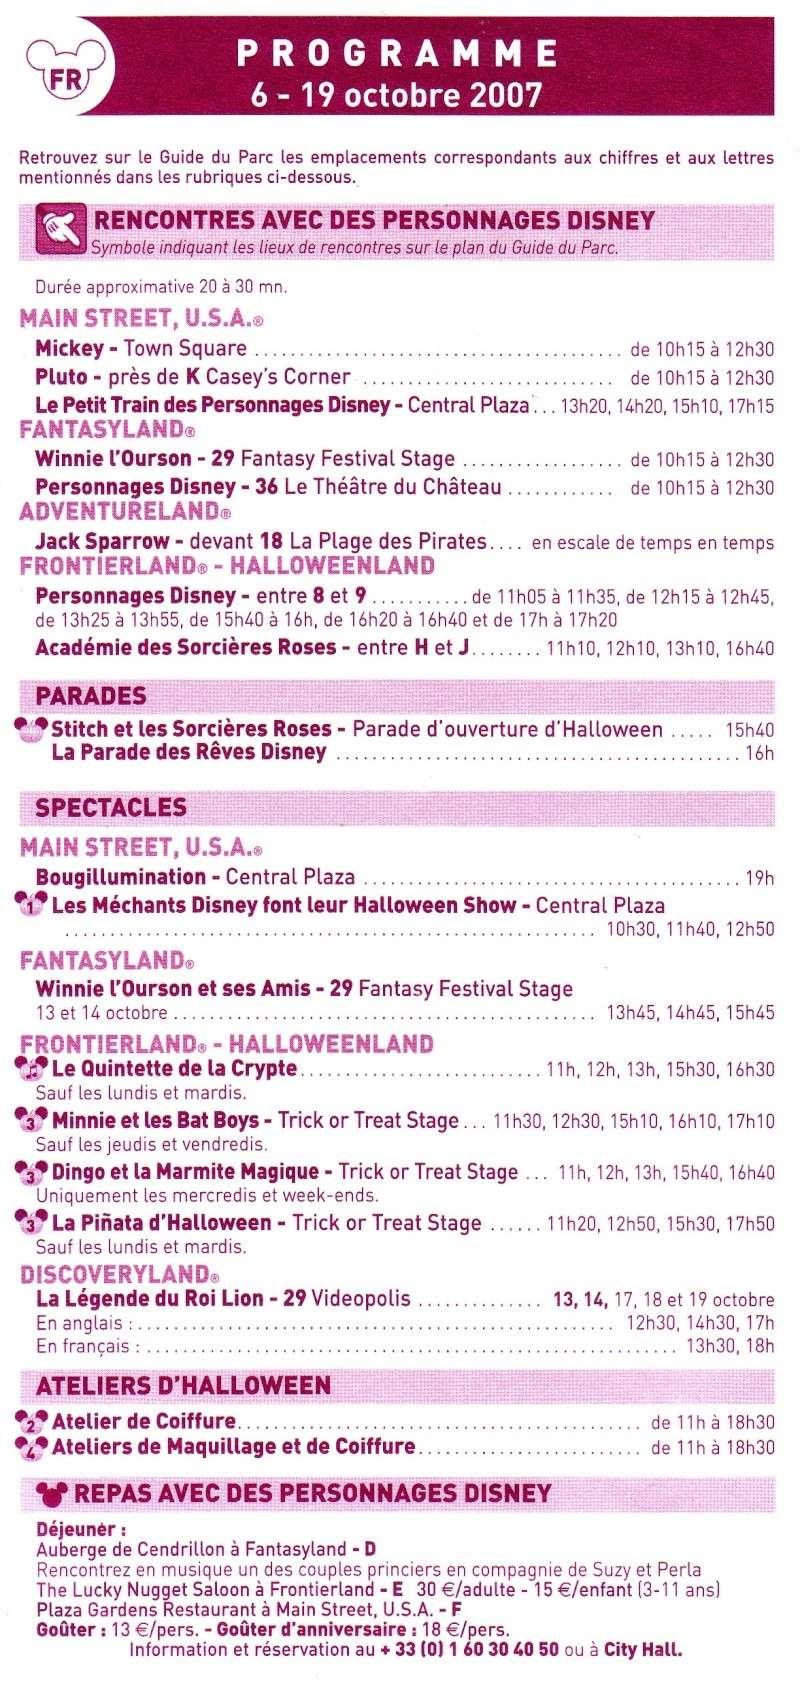 [Horaires] Horaires des parcs, spectacles et parades (programme à télécharger) Progra10